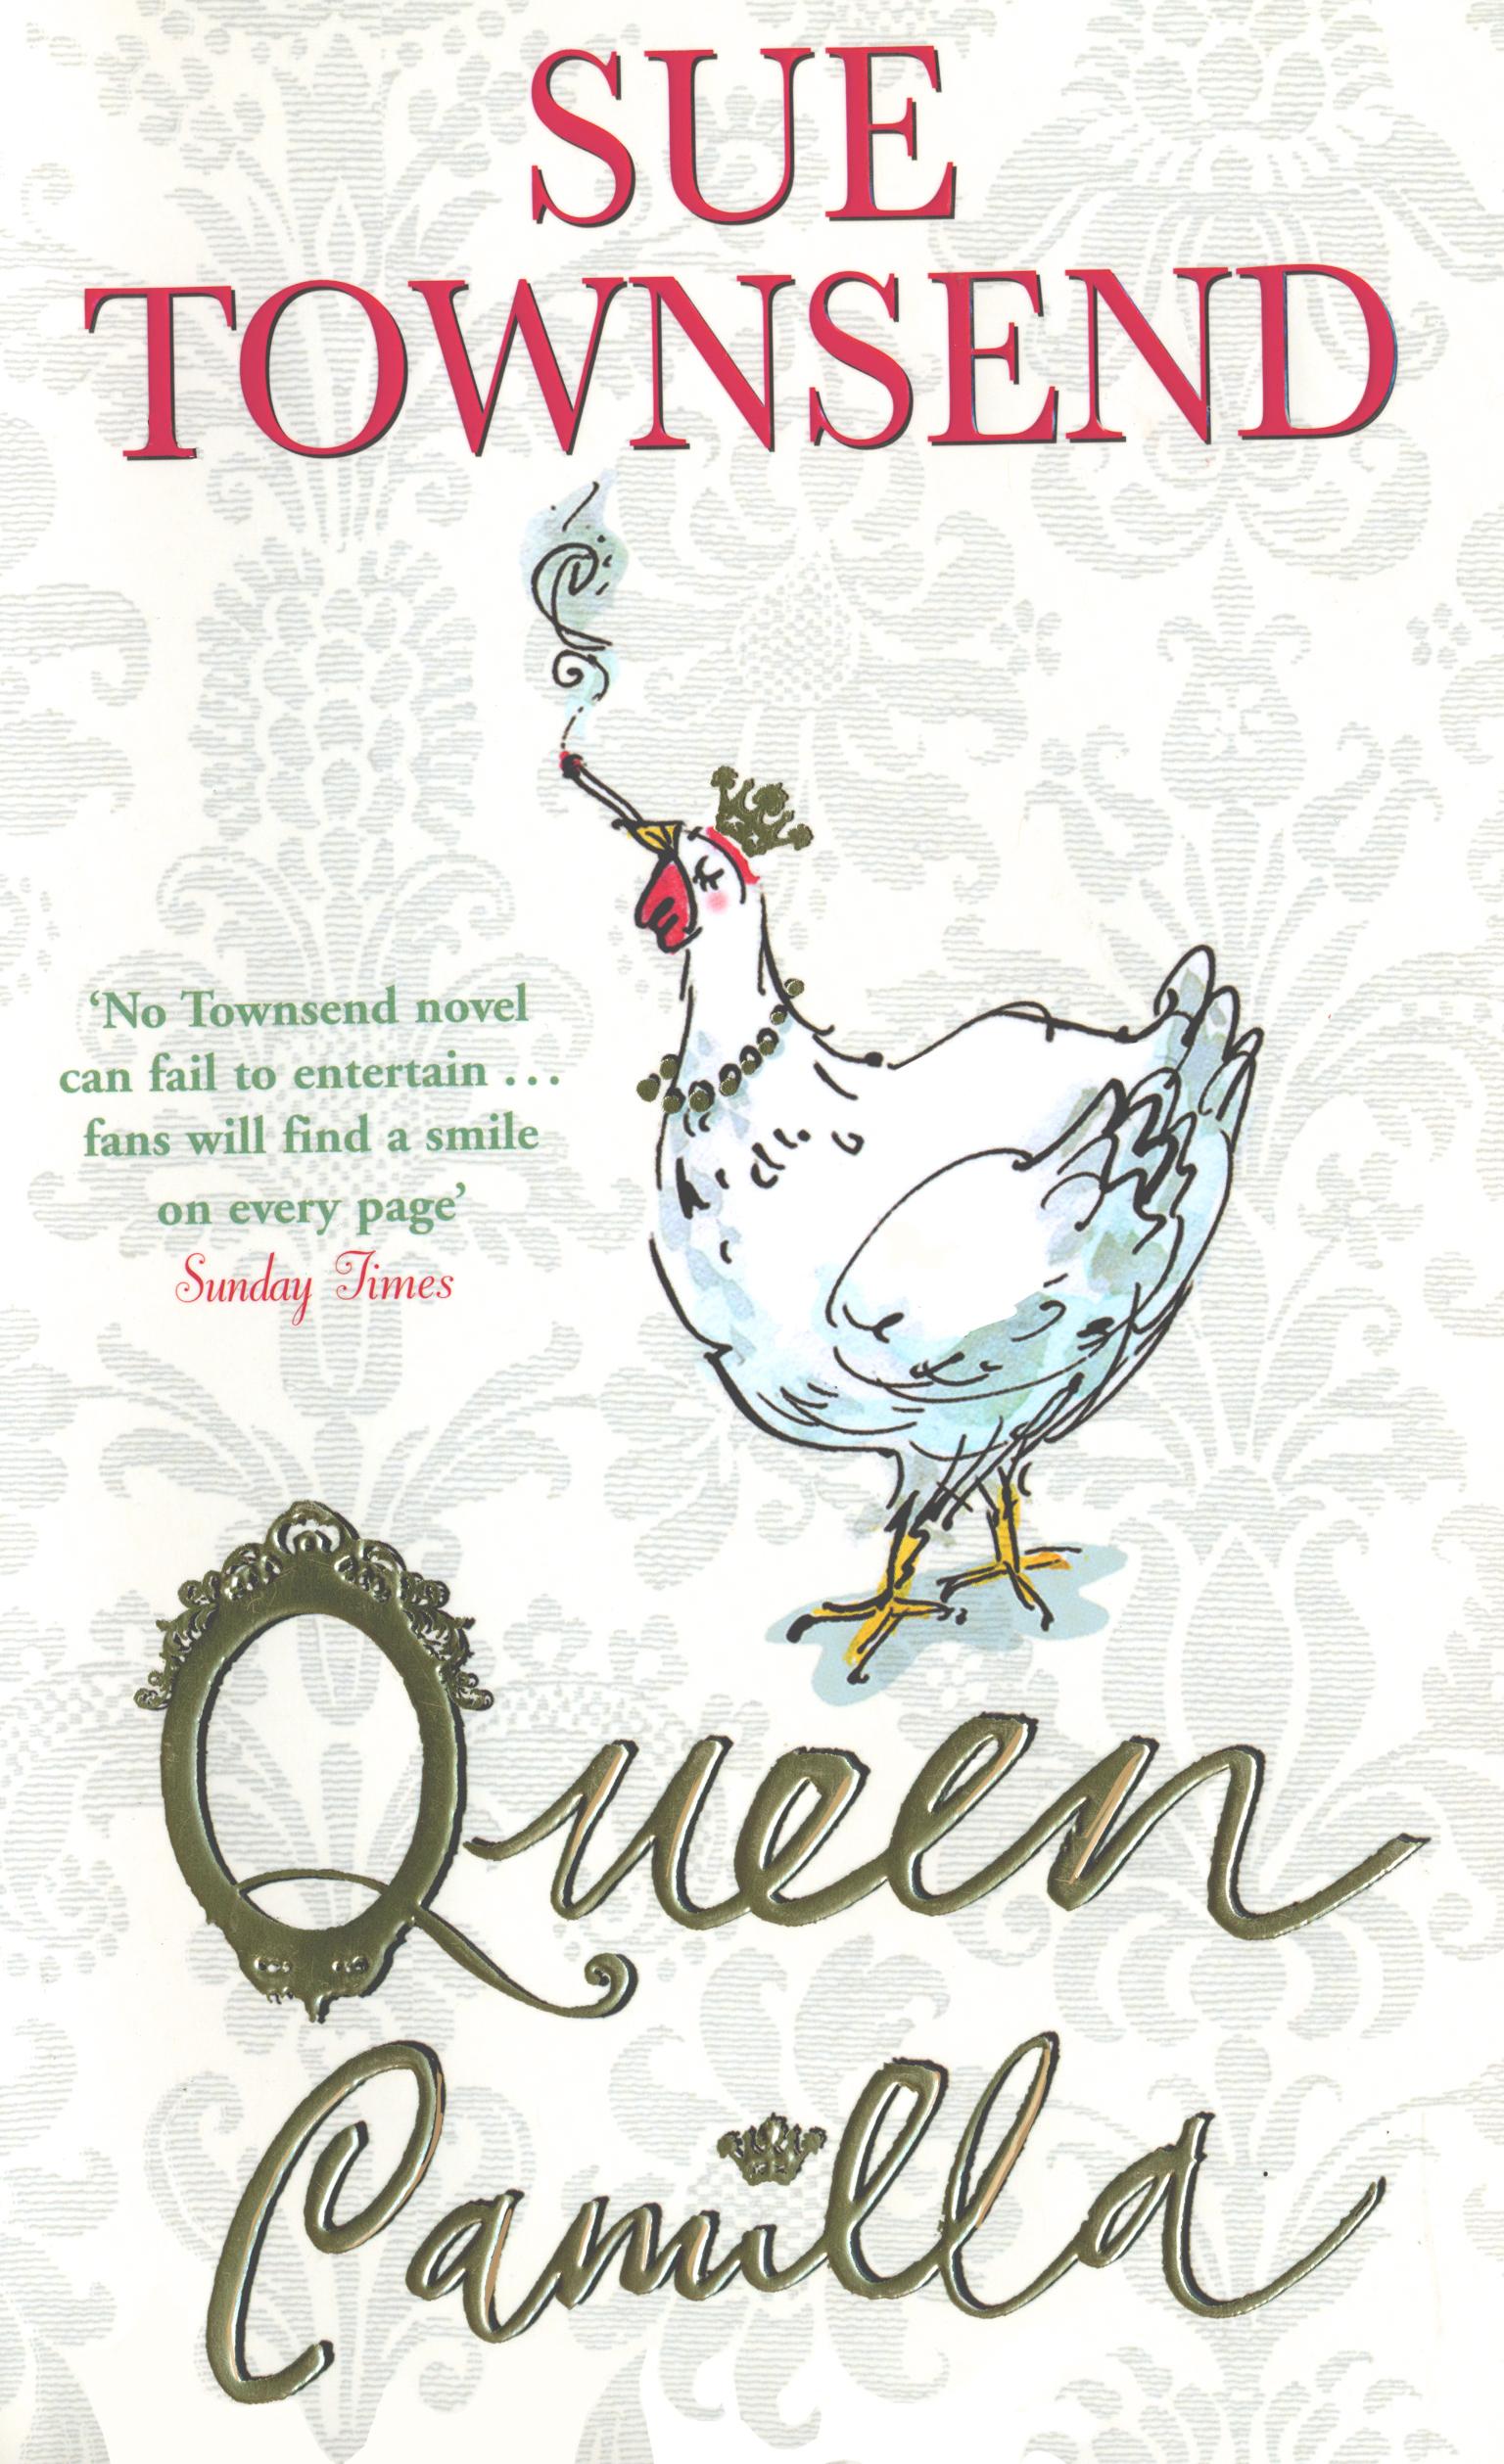 Queen Camilla copy.jpg